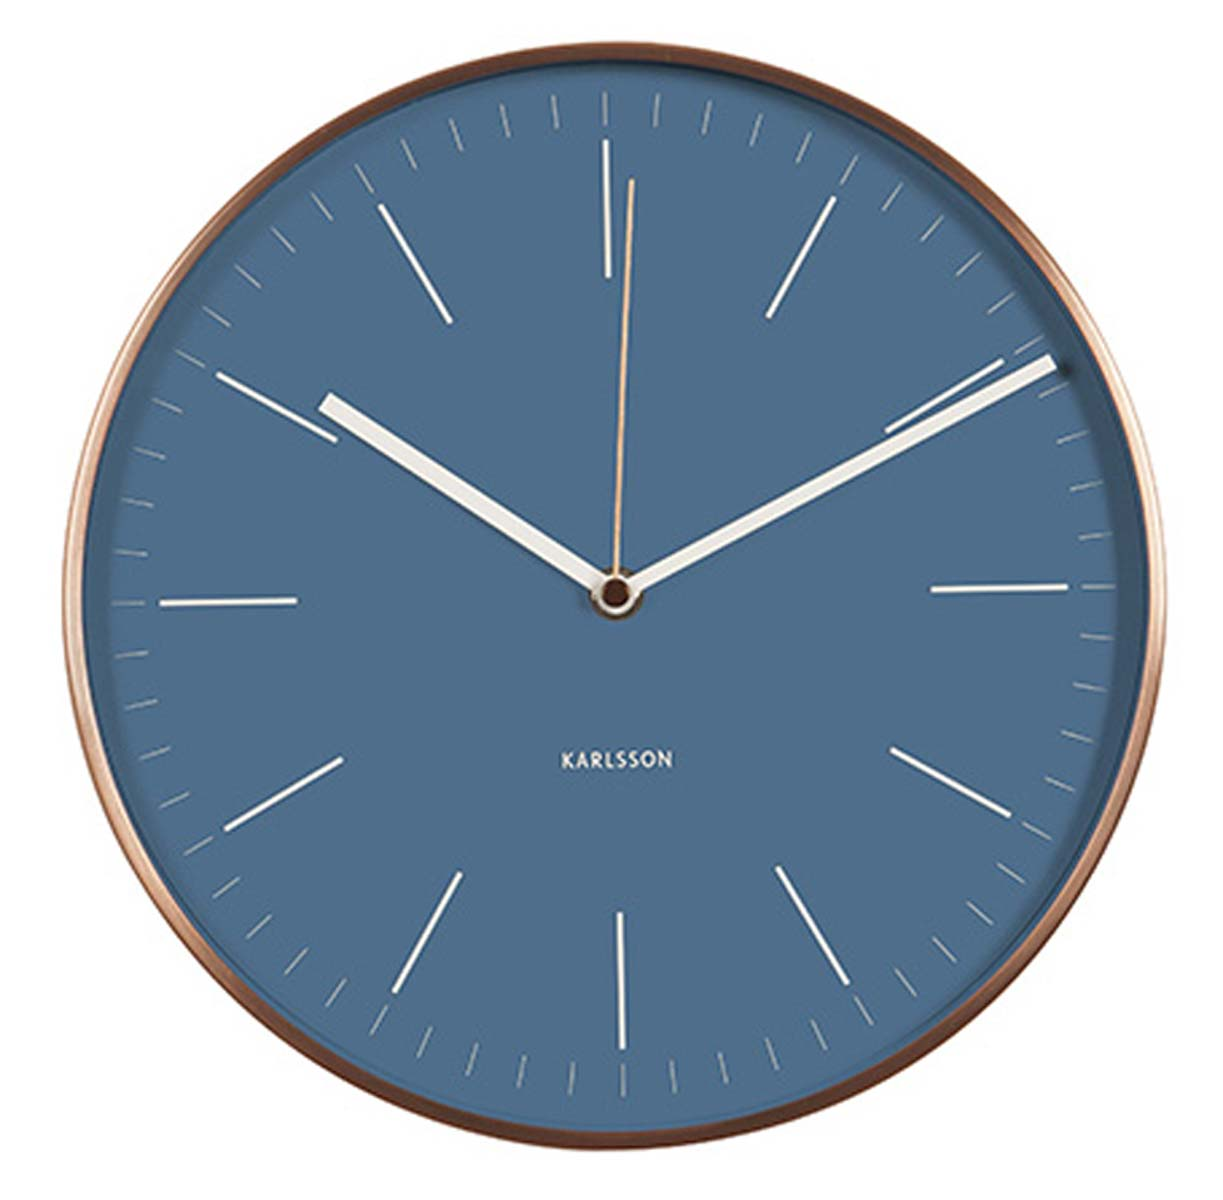 Karlsson ka5507bl horloge murale horloge de gare for Horloge murale de gare